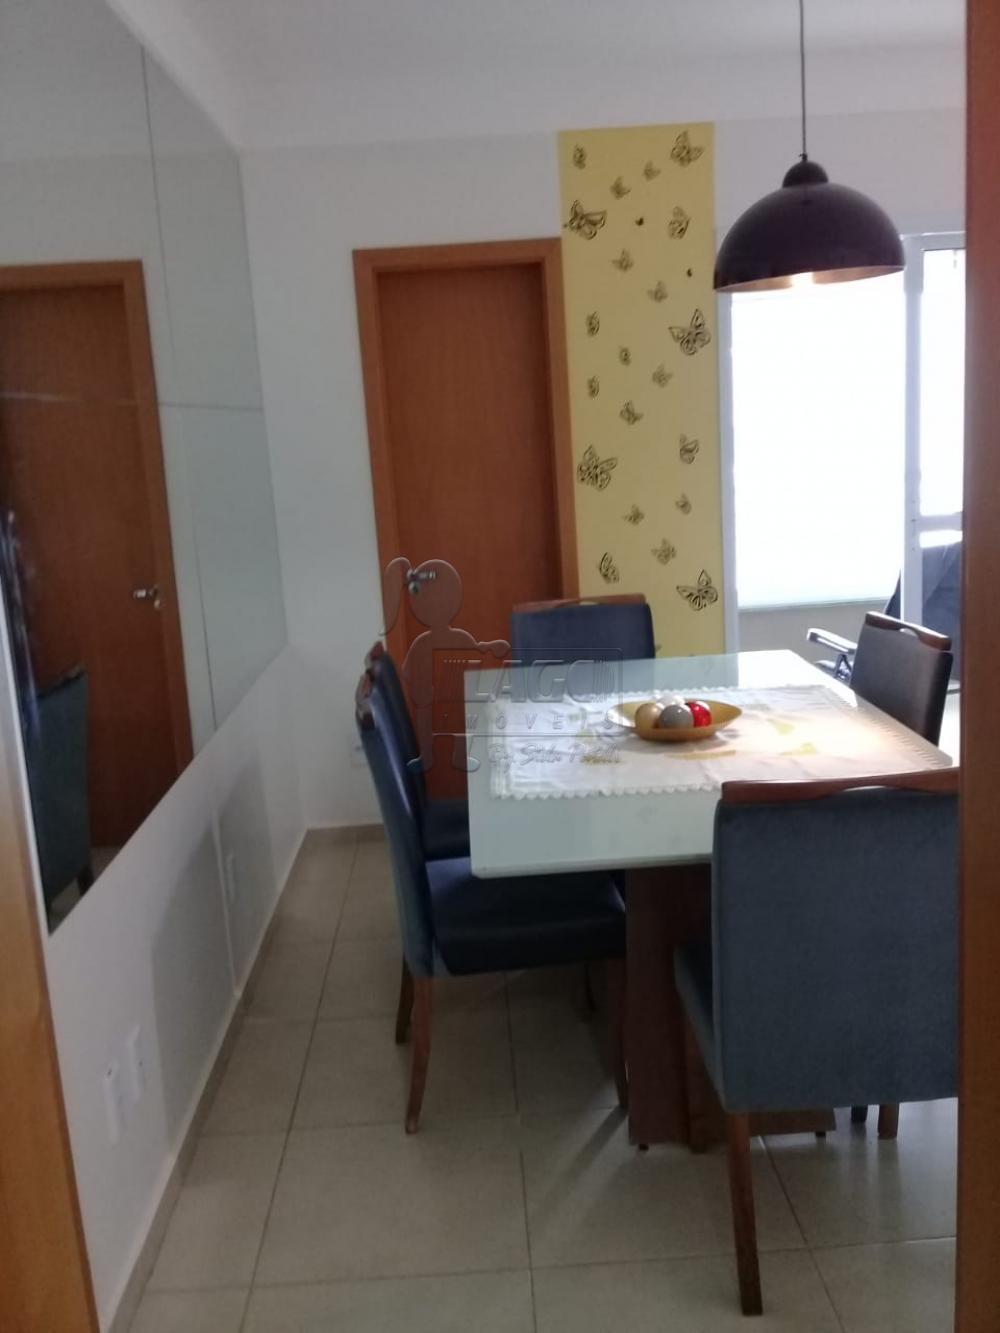 Comprar Apartamento / Padrão em Ribeirão Preto apenas R$ 535.000,00 - Foto 6